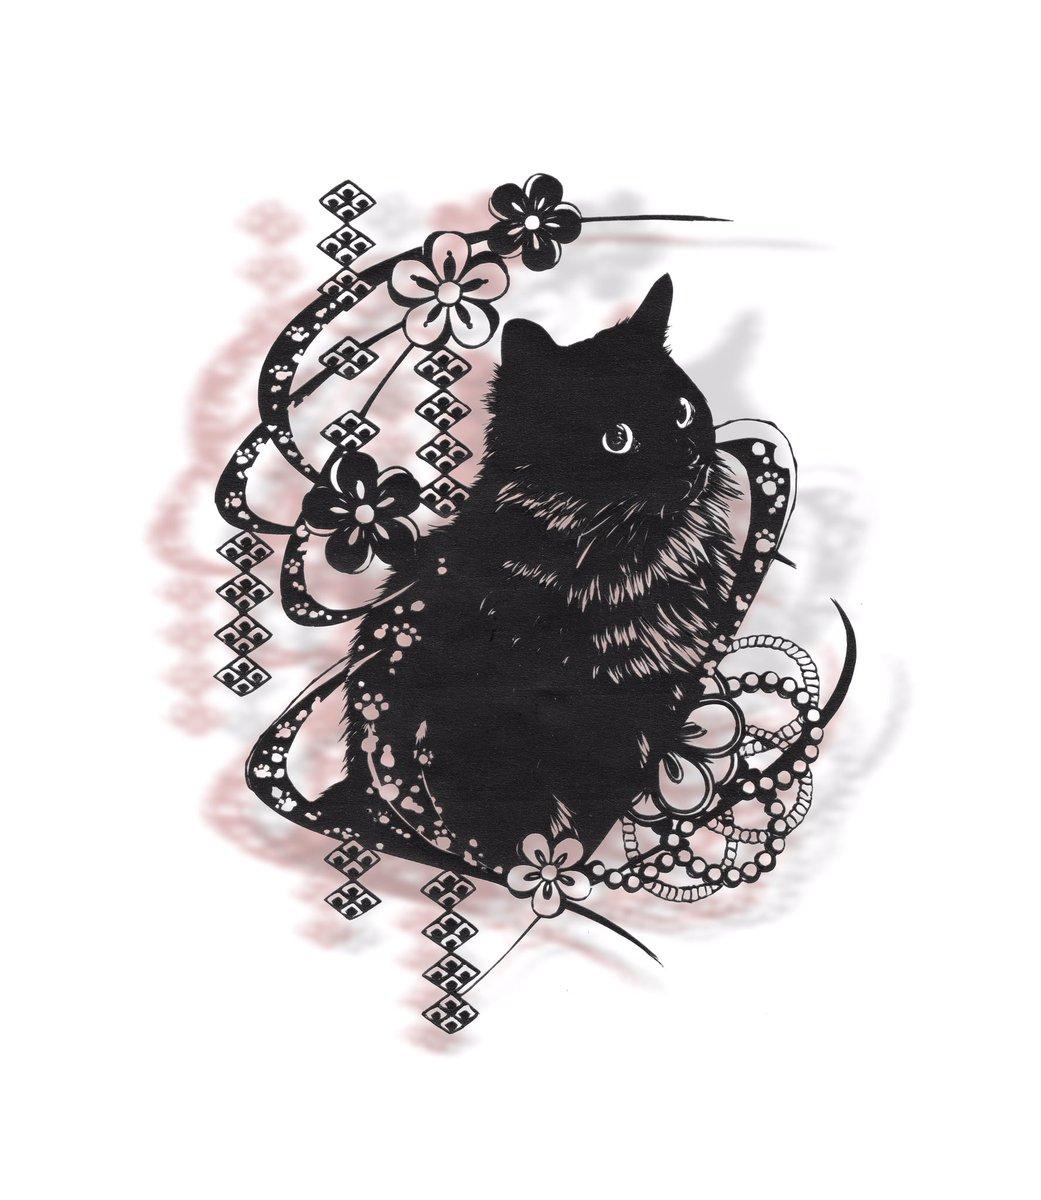 ほっと気を抜けるような切り絵にしたかったから可愛く出てきてくれて嬉しいしかしスキャンしたら所々潰れる、、 #切り絵 #猫 #動物 #全国の猫好きさんへ届け  ...